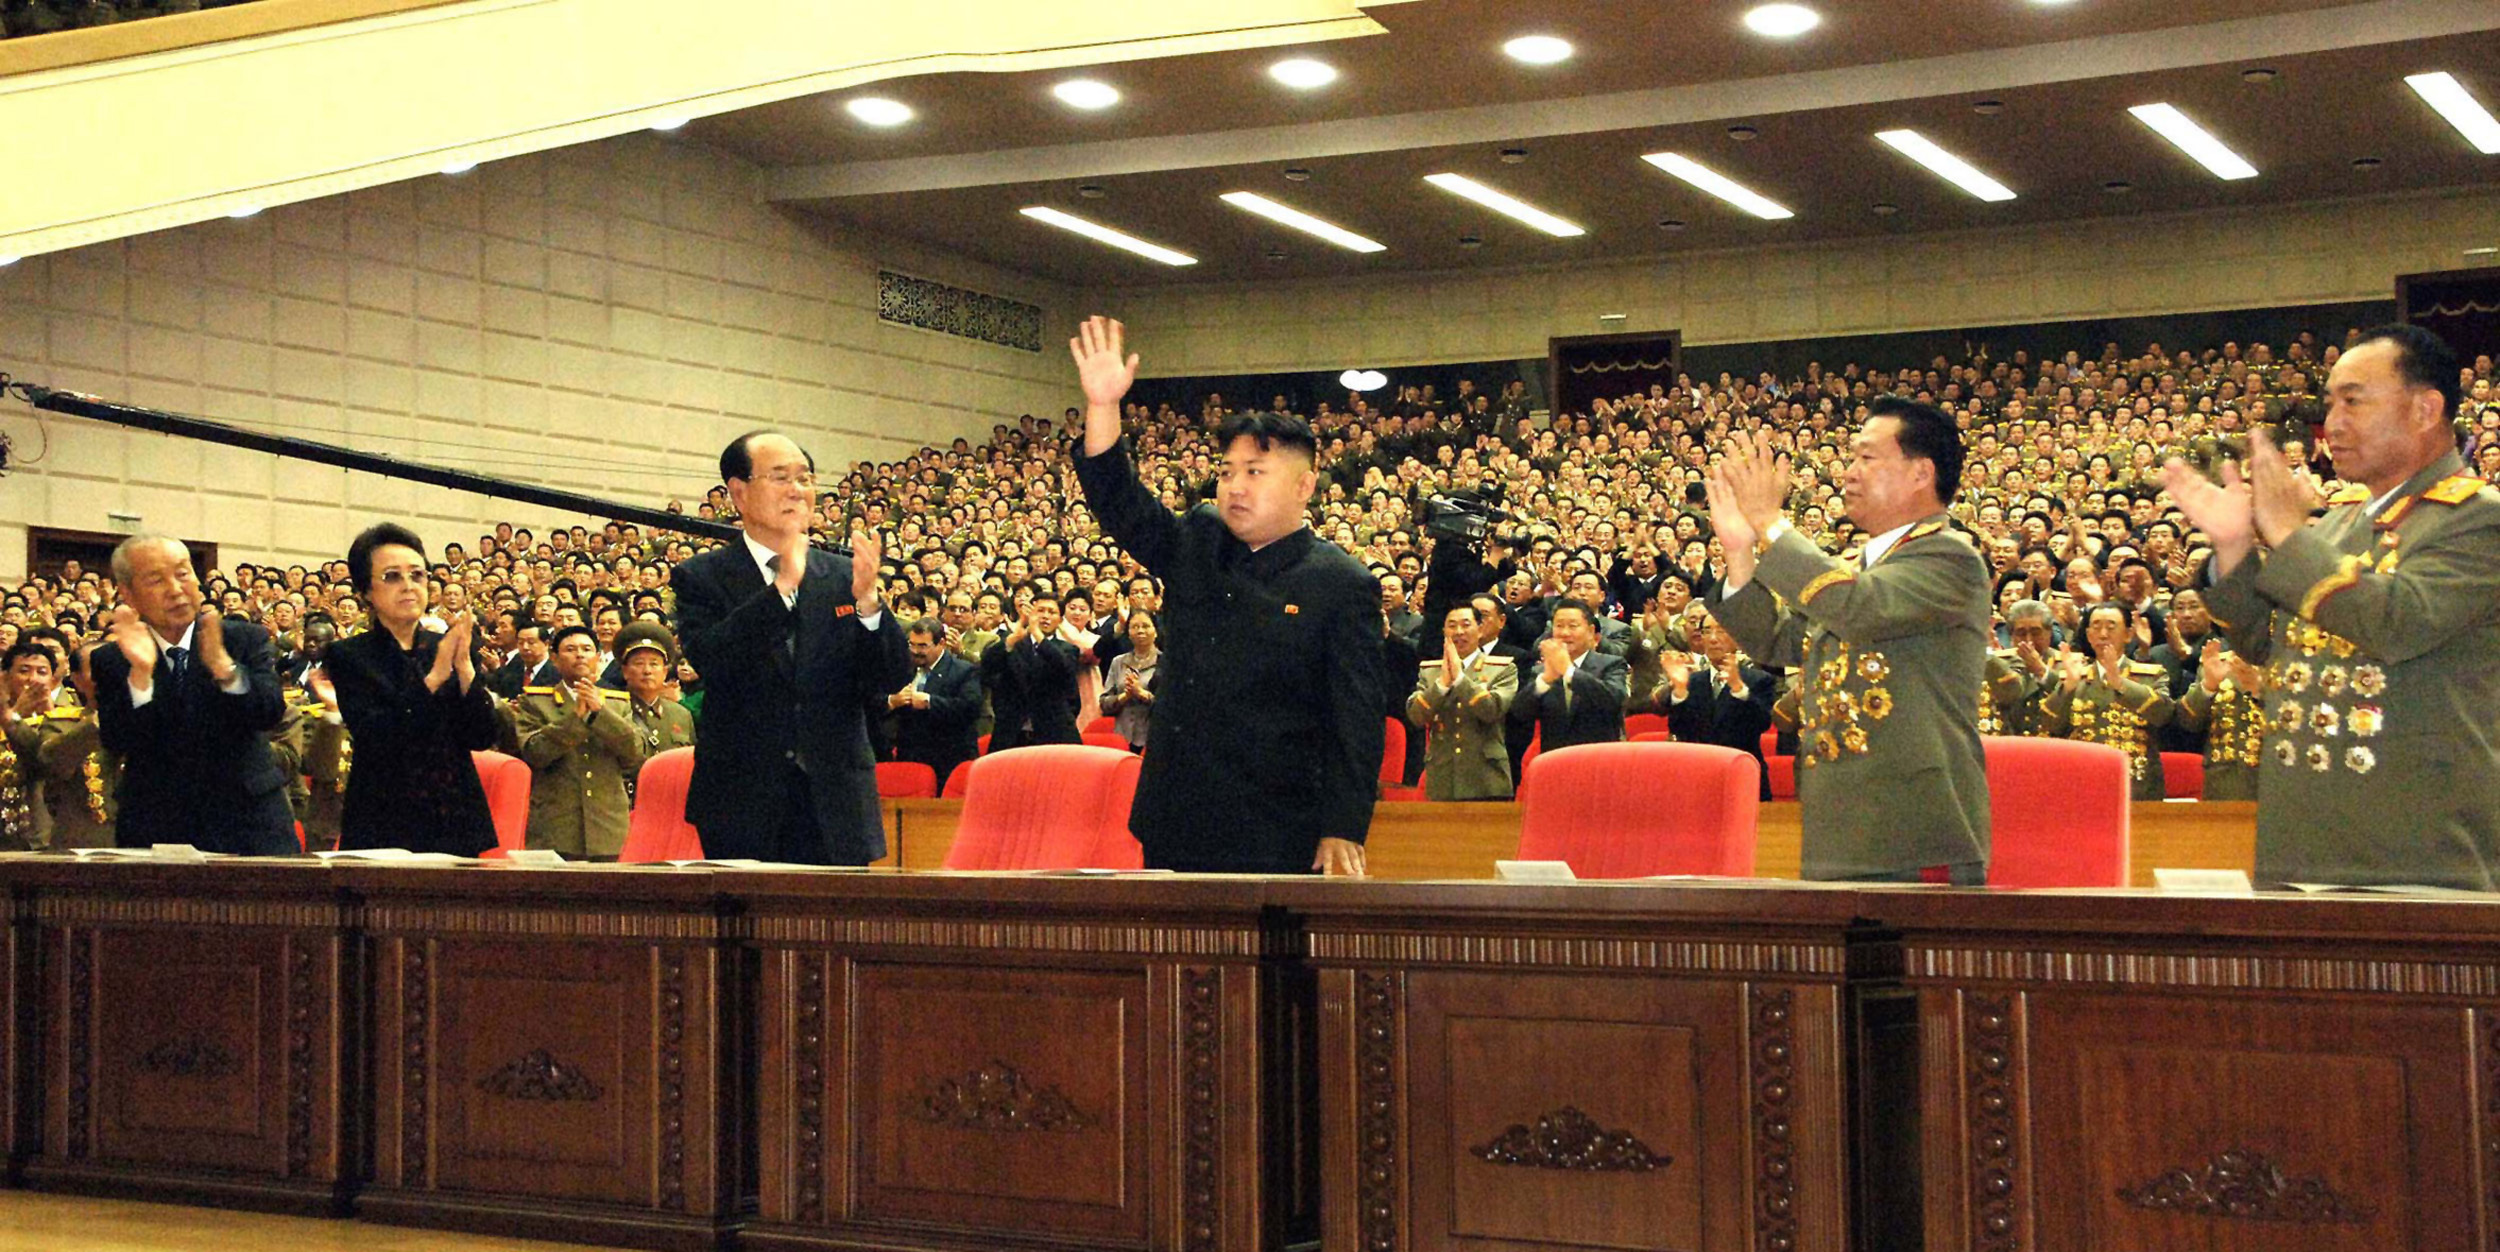 Coreea de Nord ameninta cu bombardamente la Seul. Vezi reactia oficiala a Coreei de Sud dupa anunt